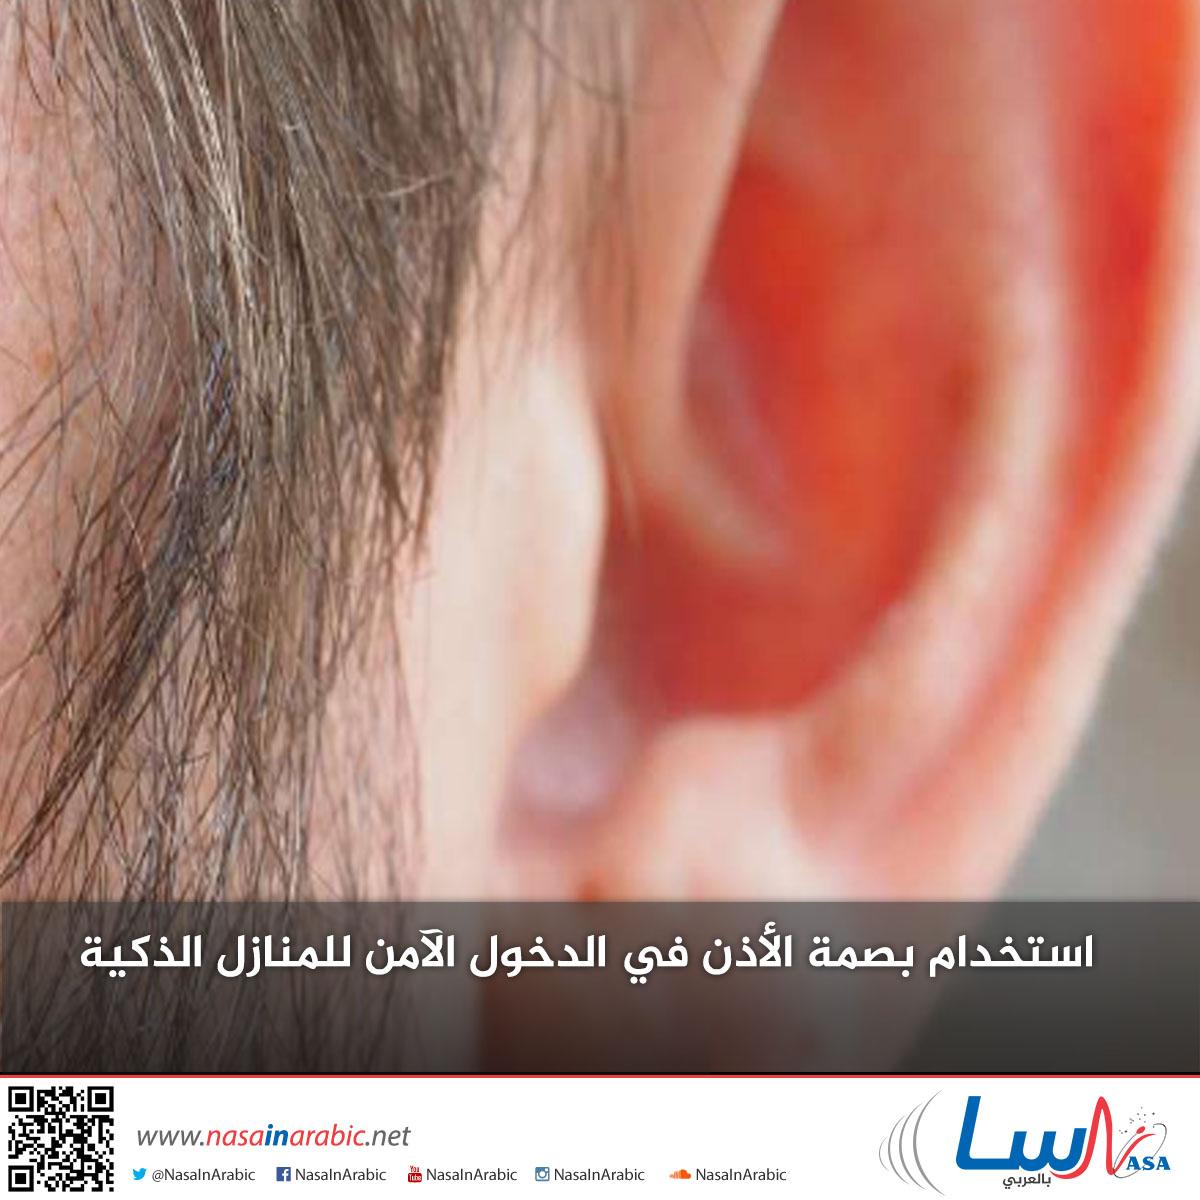 استخدام بصمة الأذن في الدخول الآمن للمنازل الذكية